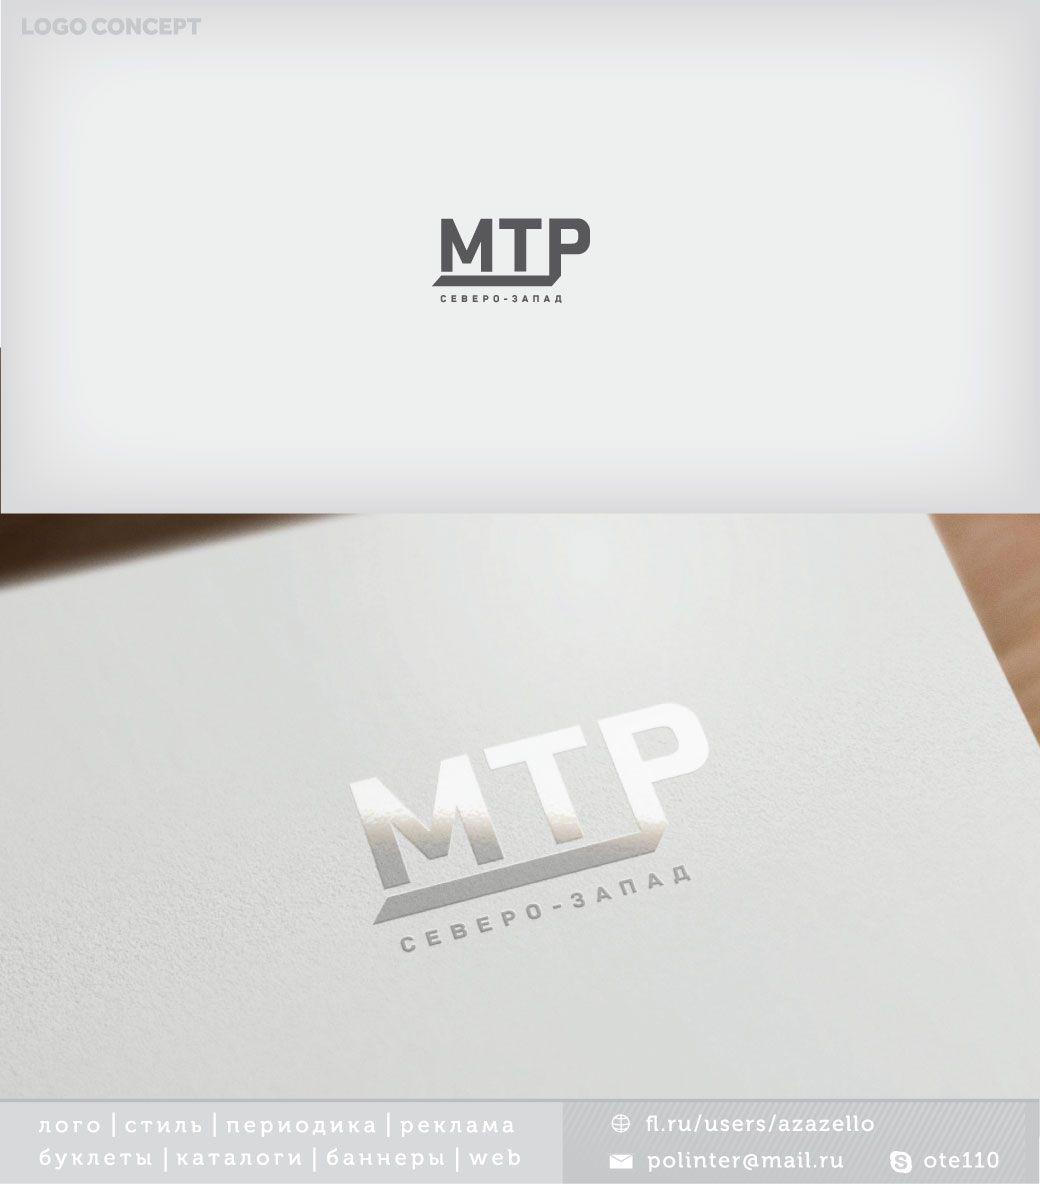 Редизайн лого (производство и продажа мототехники) - дизайнер azazello